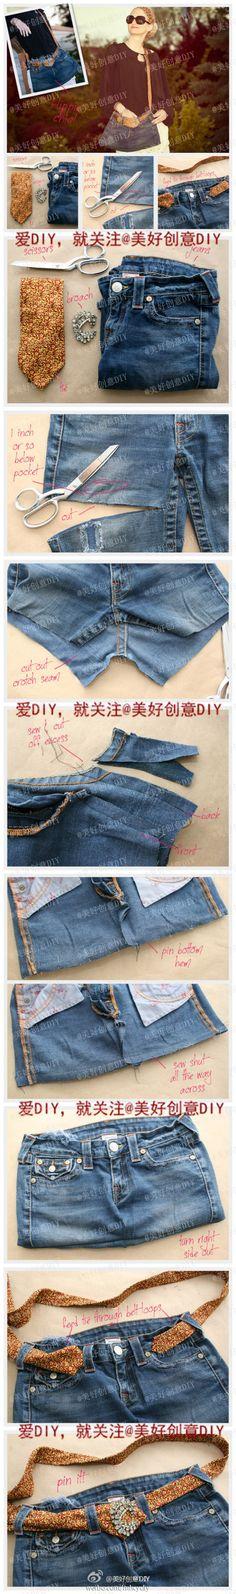 用旧的牛仔裤做一个包,好好看好时尚啊!!